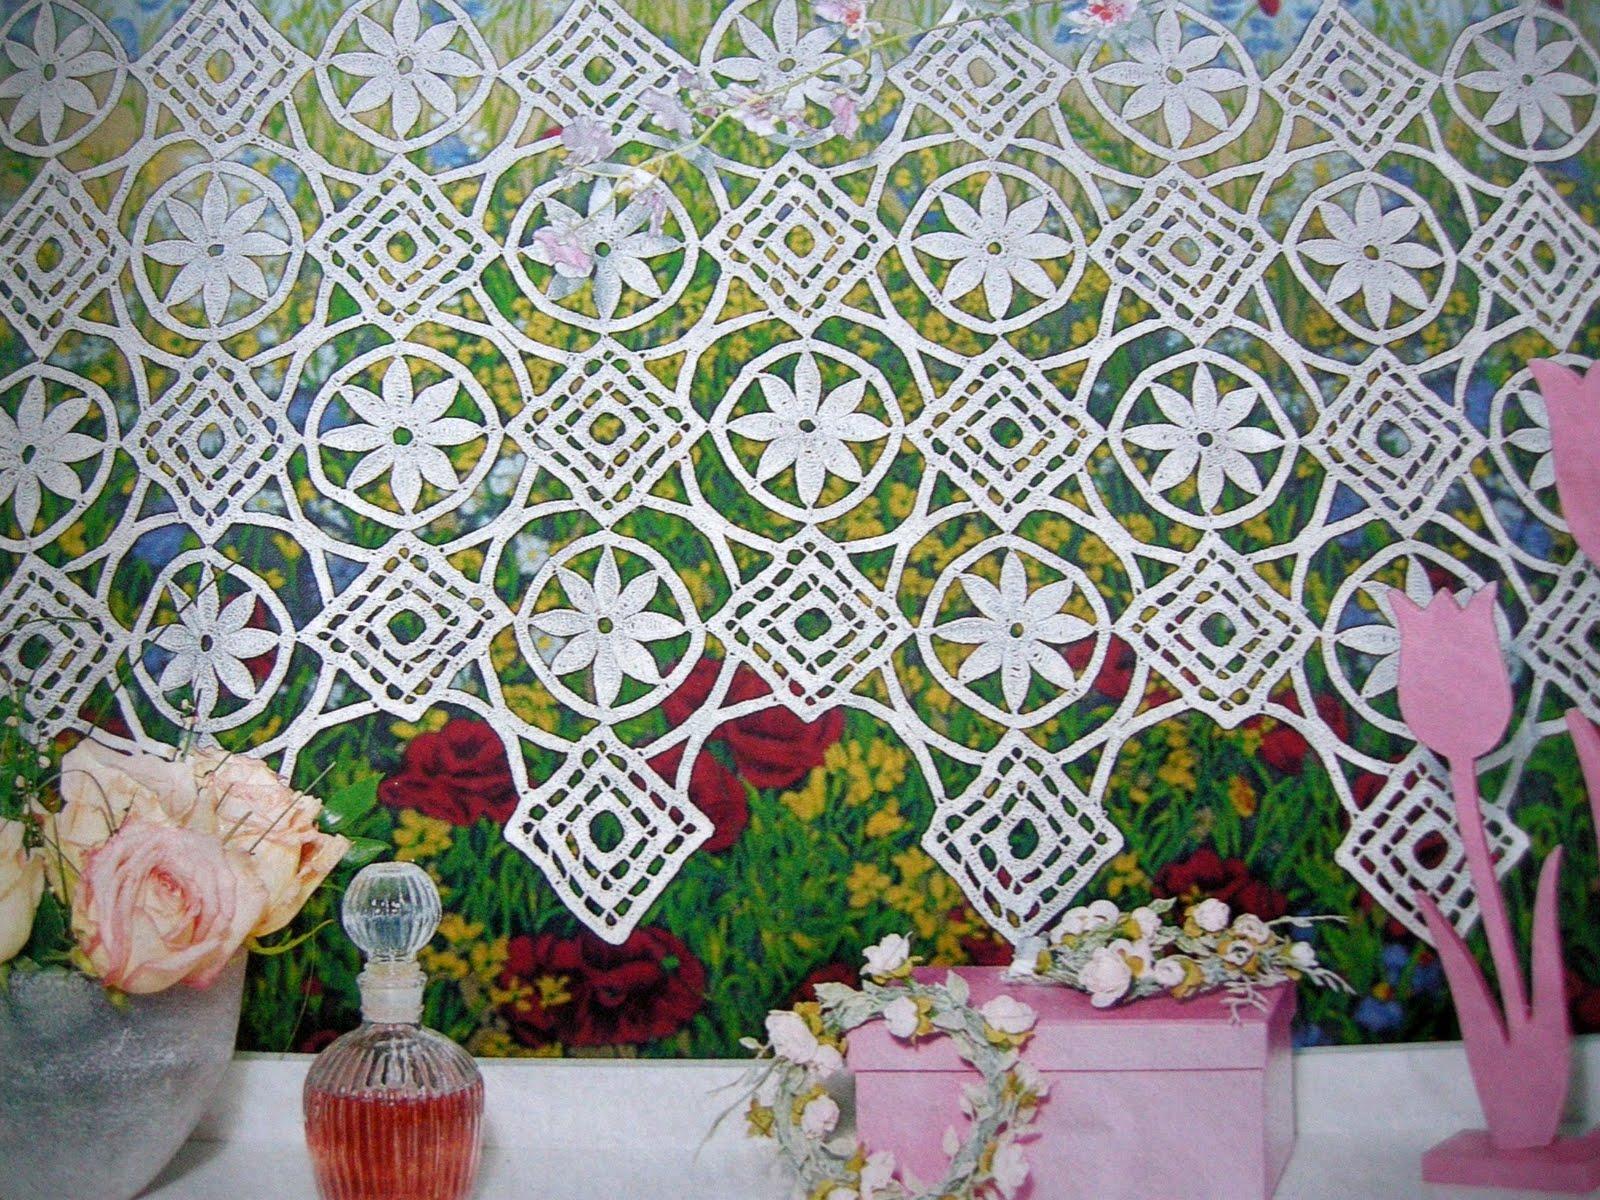 Luda y134 set 15 myideasbedroom com click for details luda